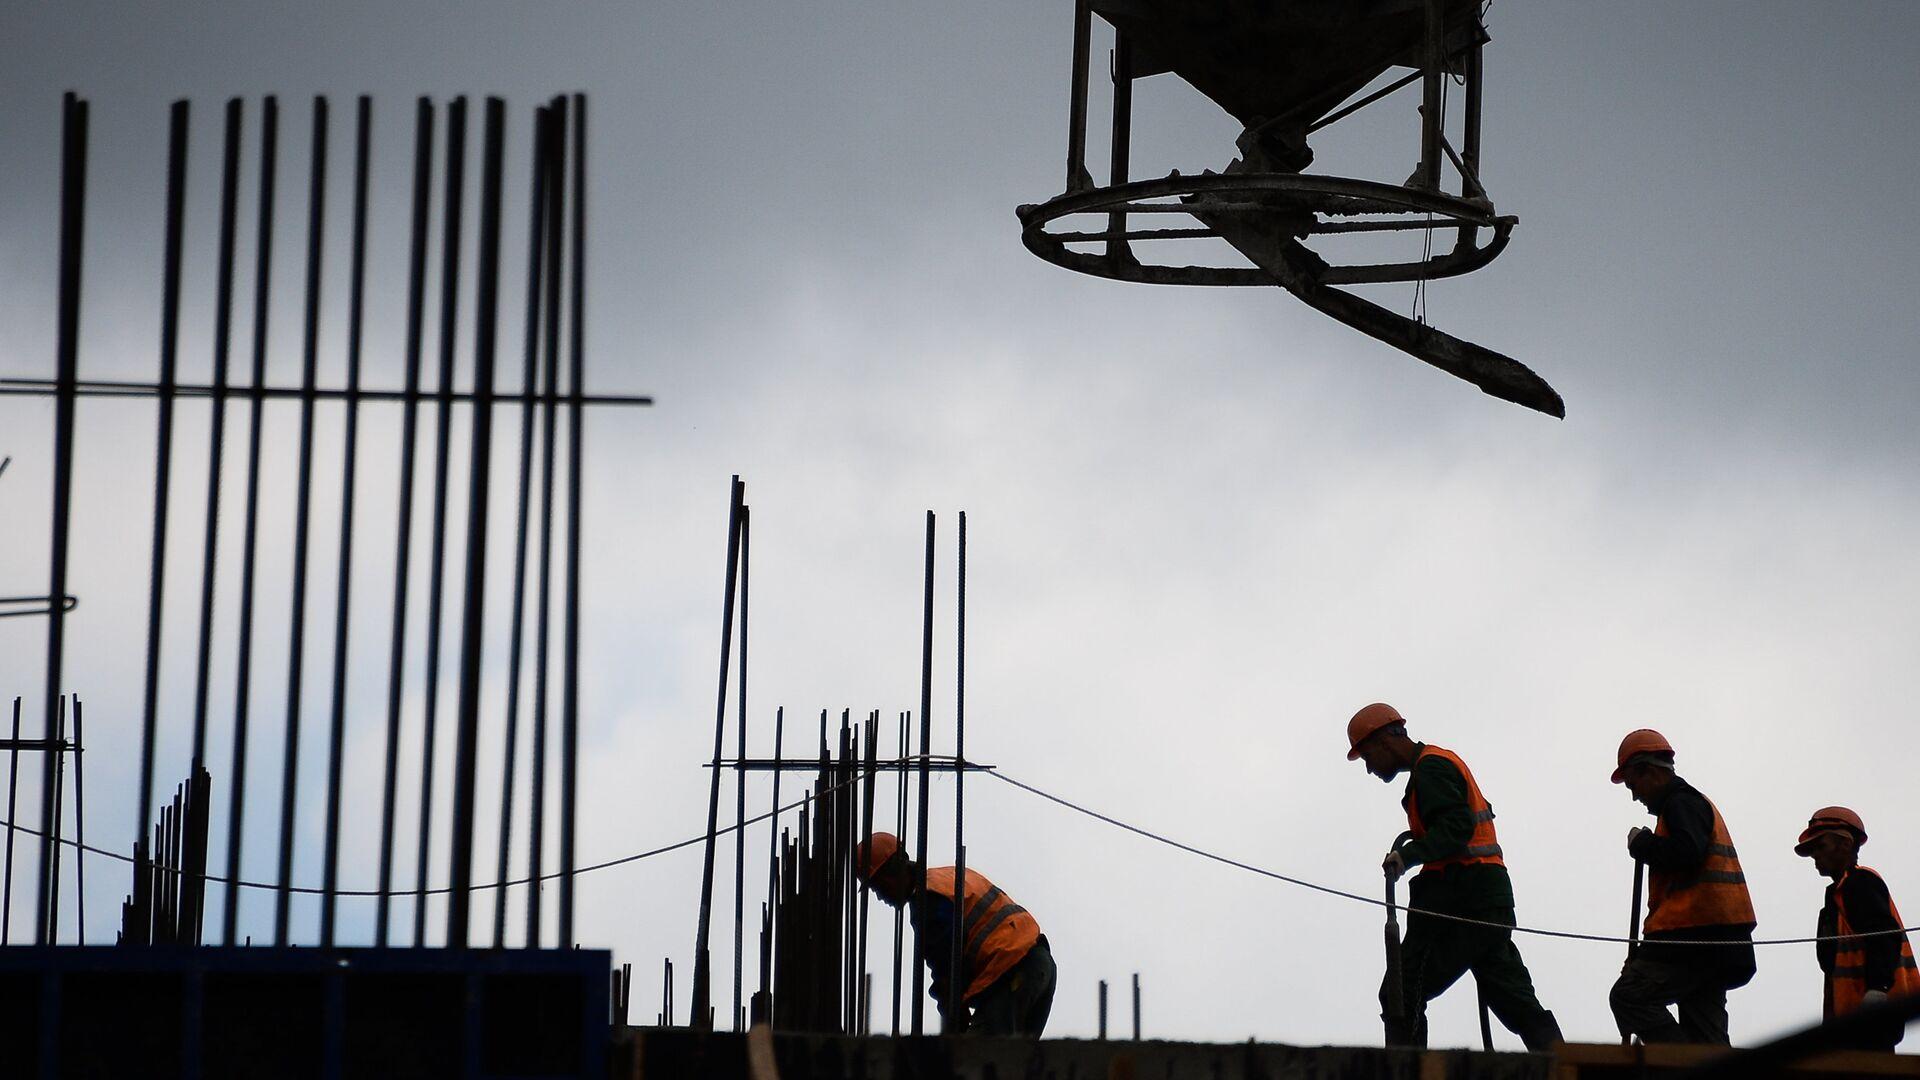 Рабочие на строительстве жилого комплекса в Москве - РИА Новости, 1920, 07.09.2020